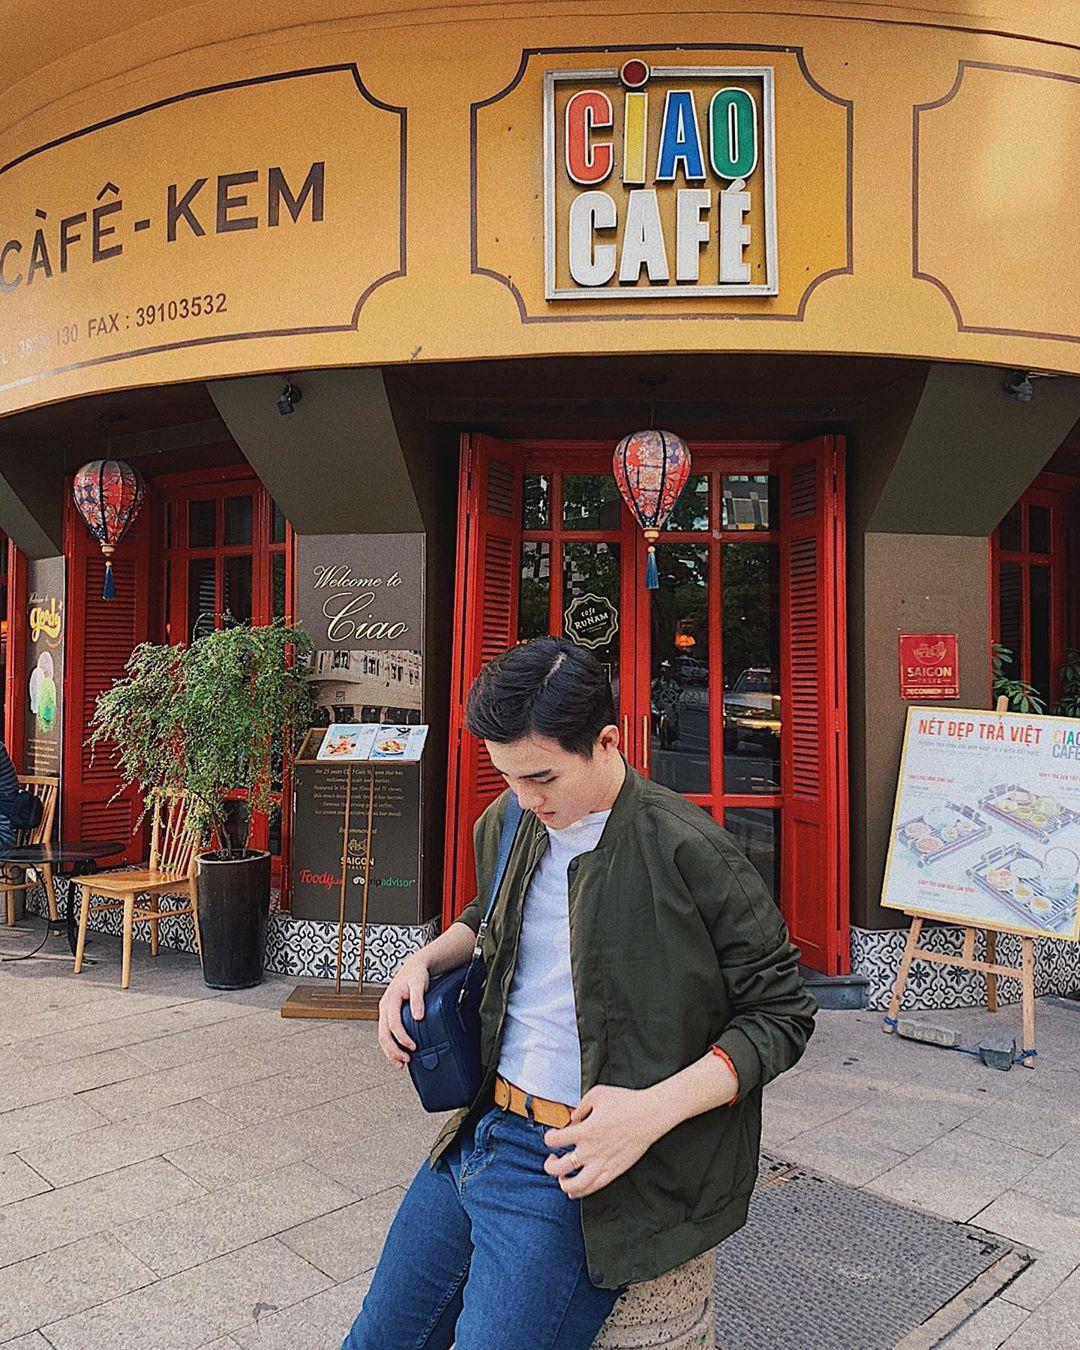 Sống ở Sài Gòn qua bao nồi bánh chưng, bạn đã check-in 5 background quán cafe sống ảo đình đám này chưa? - Ảnh 4.